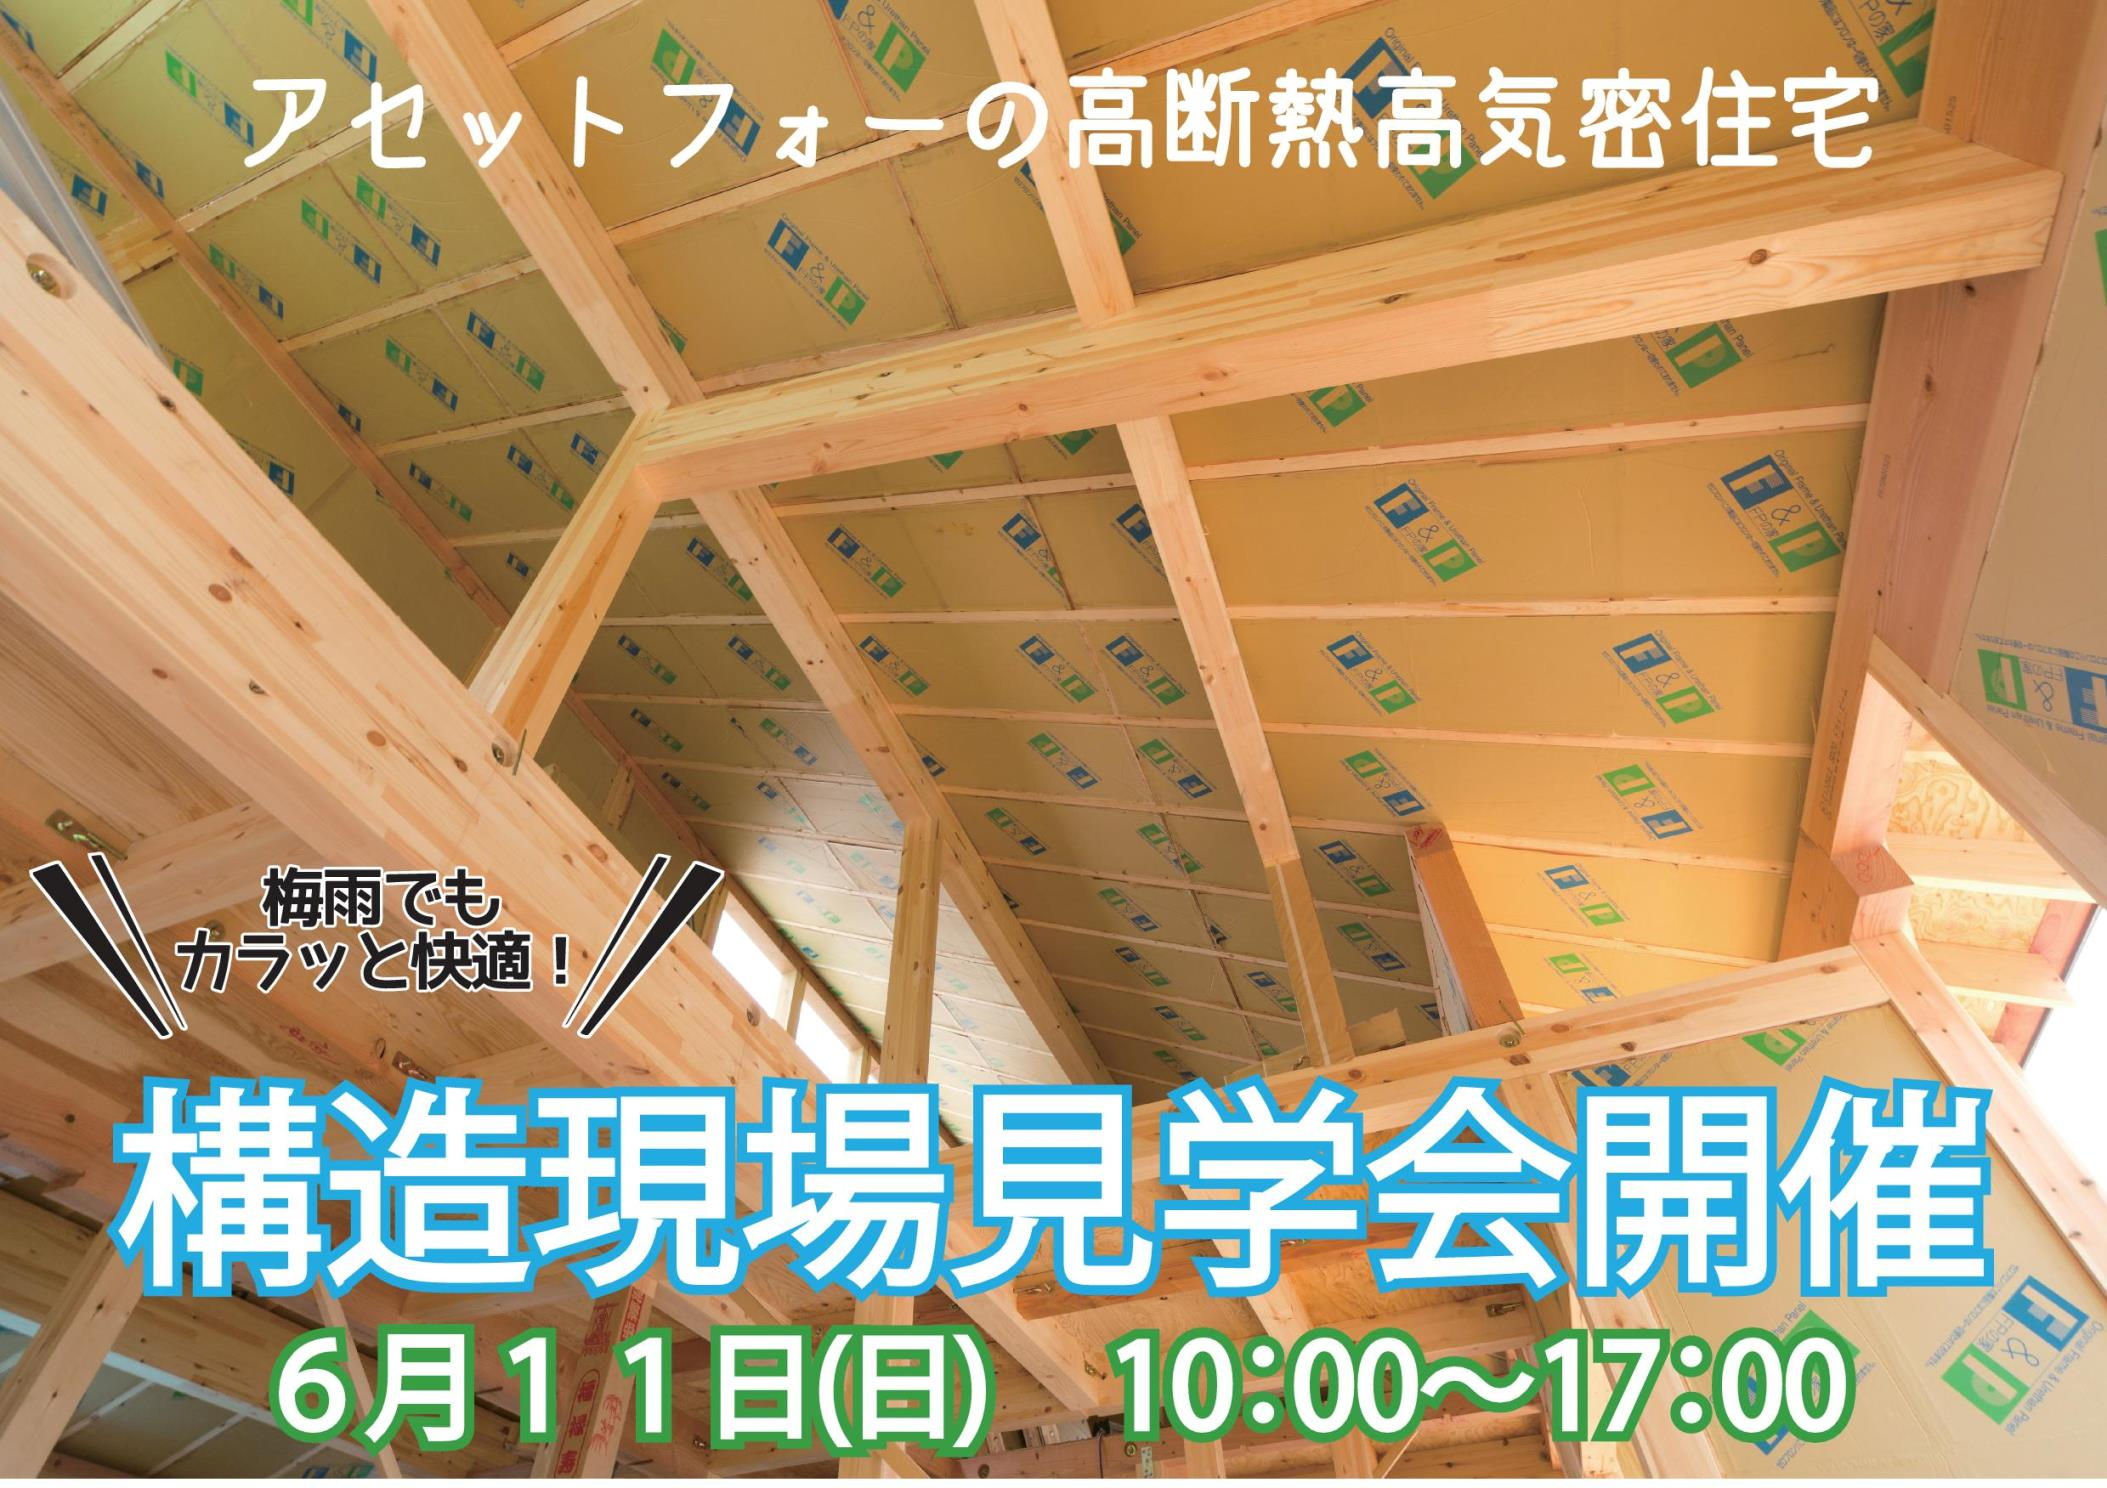 ★☆★6/11(日) 板橋区高島平【構造見学会】★☆★